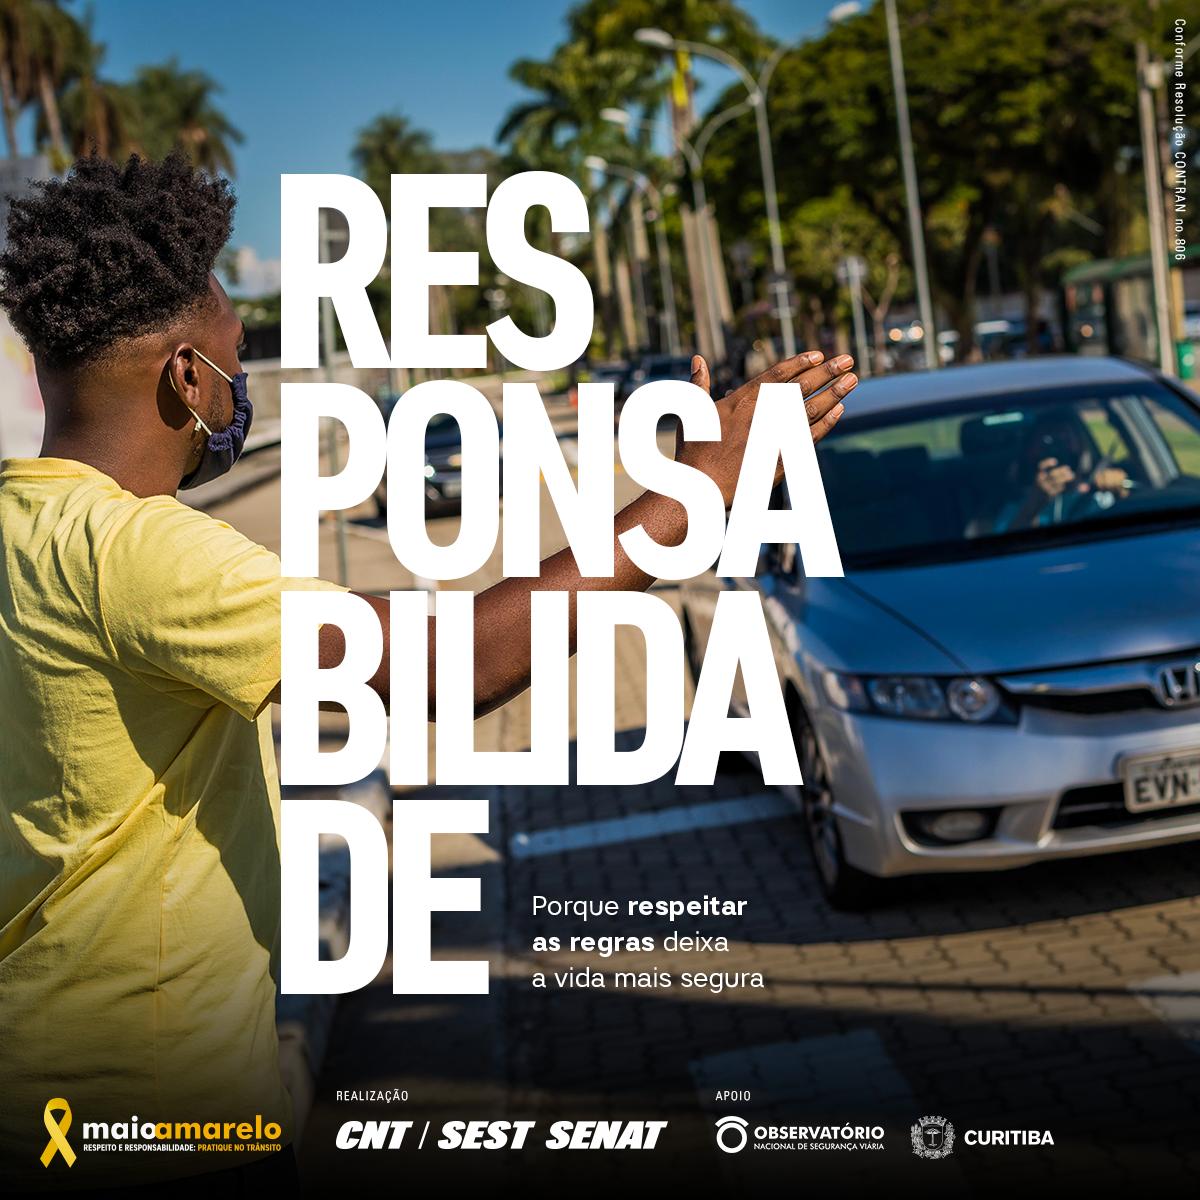 Responsabilidade - Motorista e Pedestre